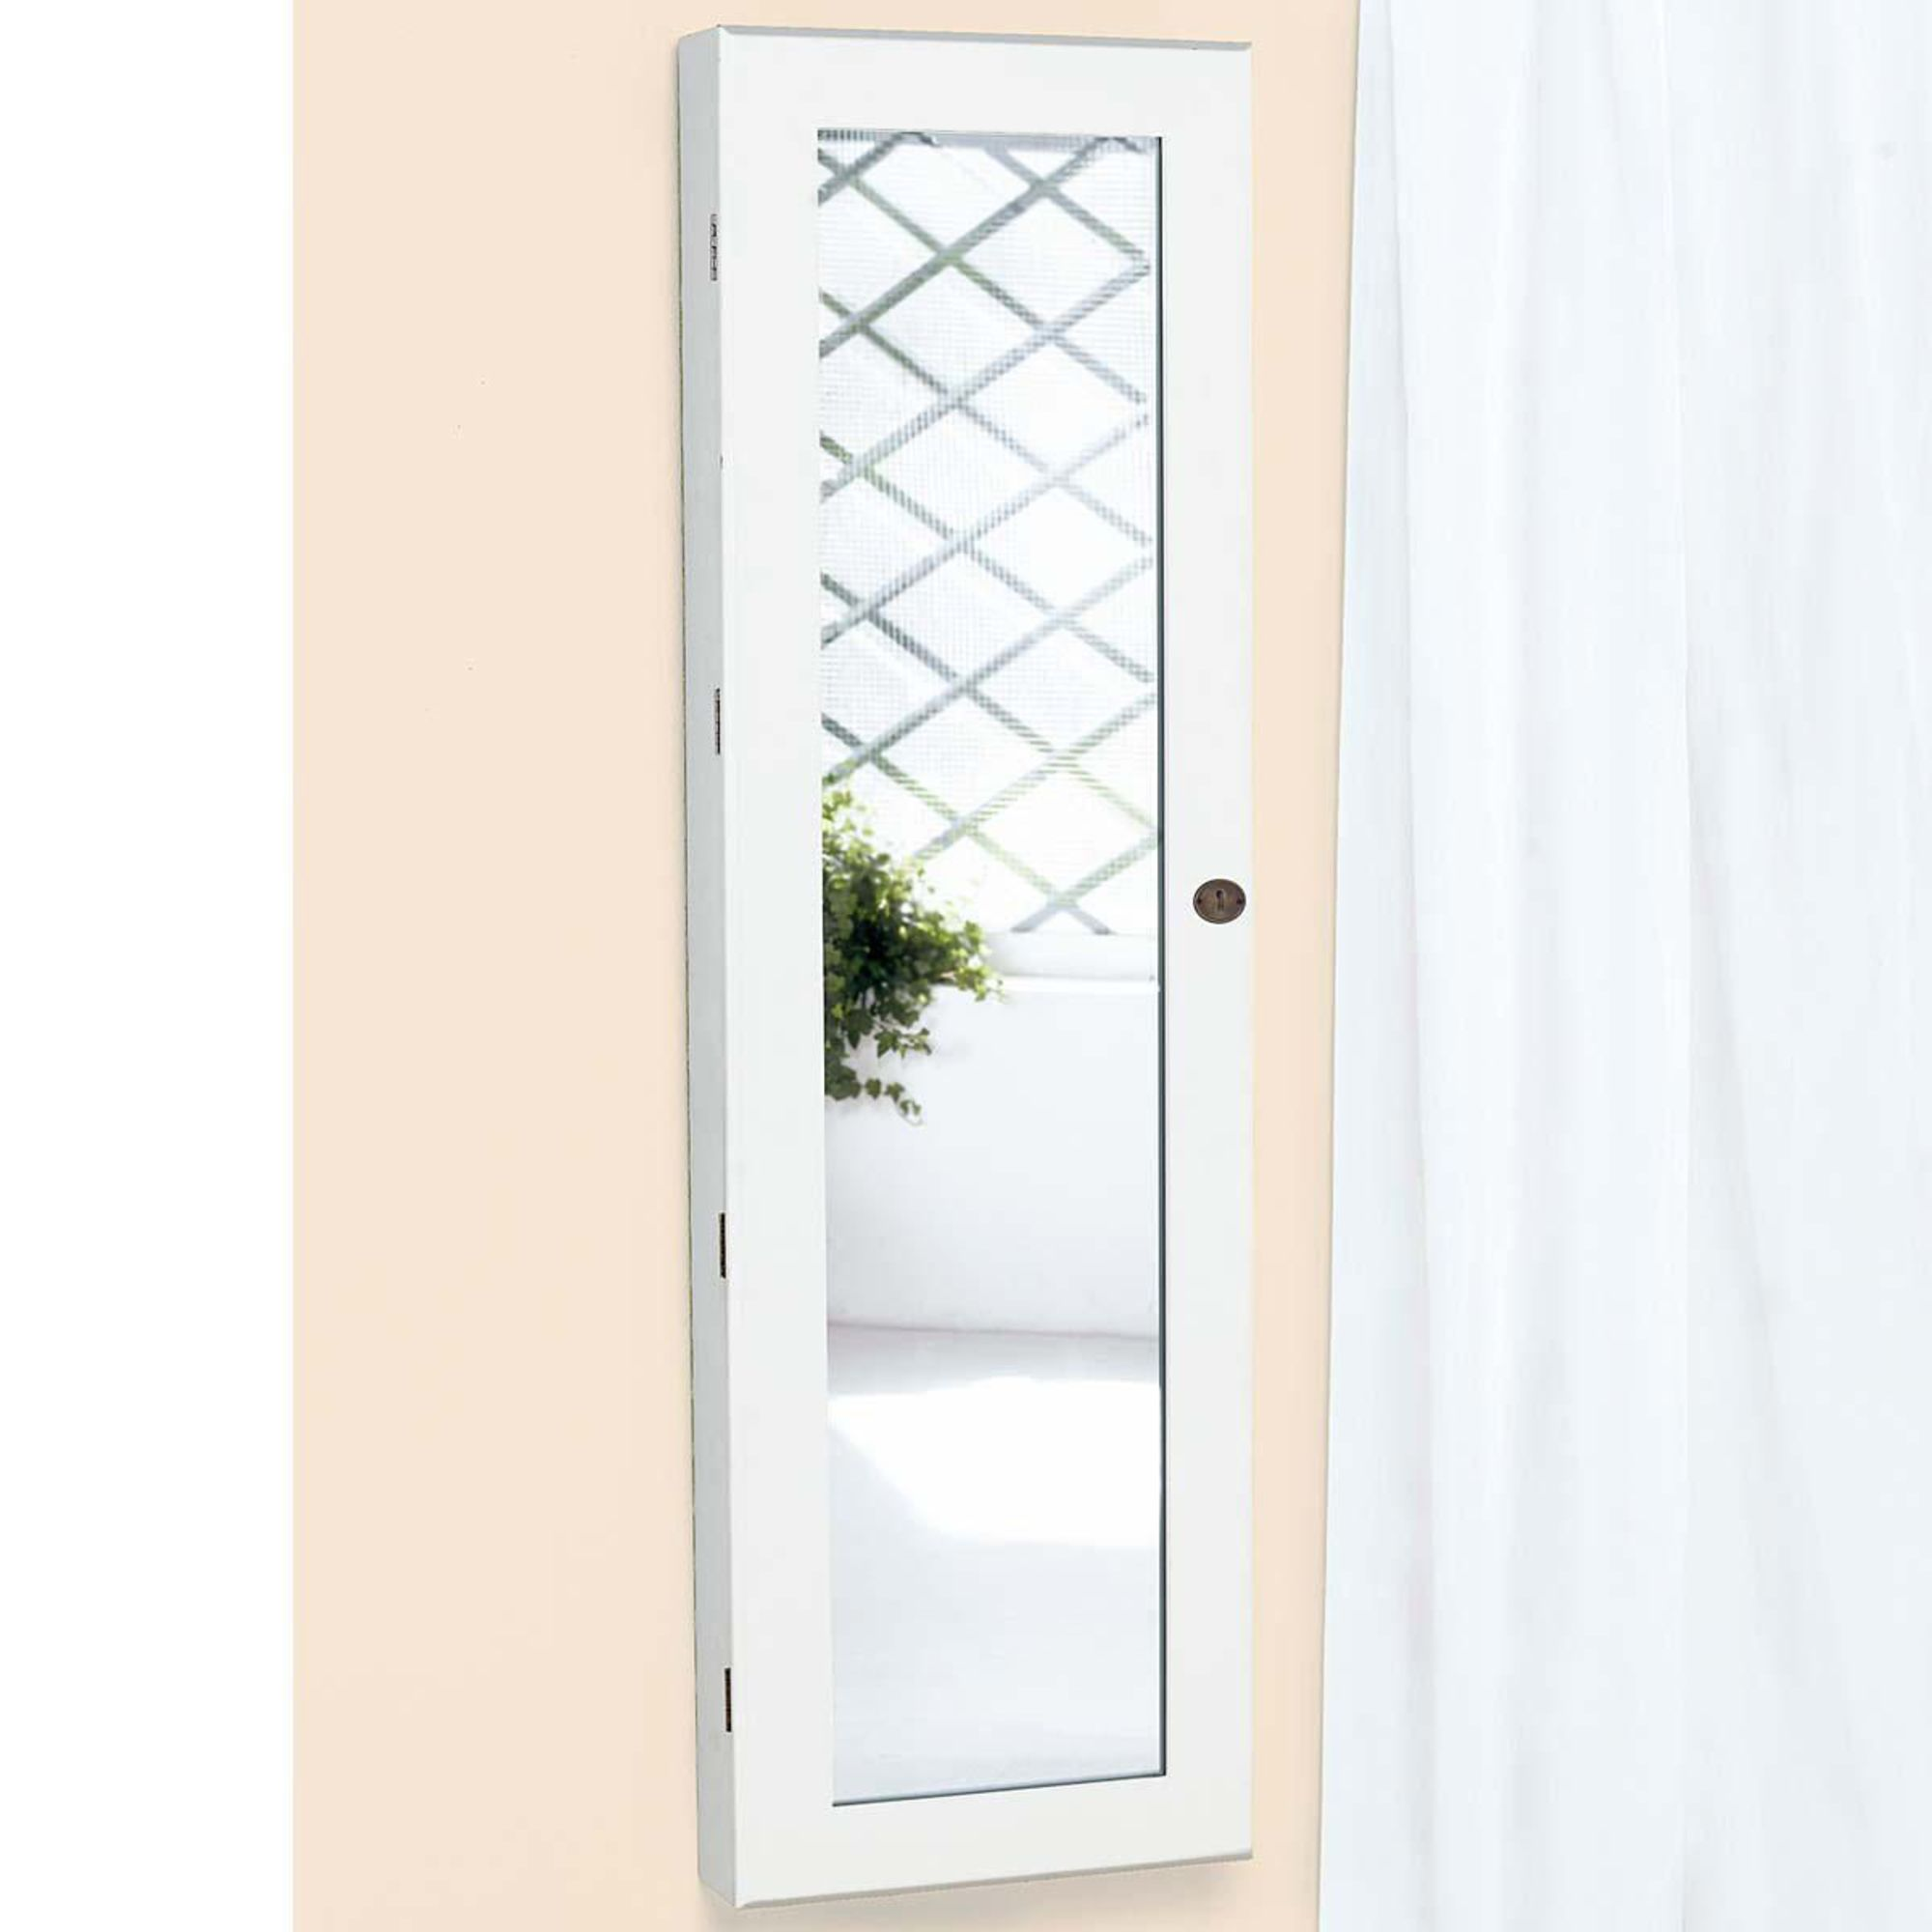 schmuckschrank mit spiegel und led beleuchtung xxl. Black Bedroom Furniture Sets. Home Design Ideas